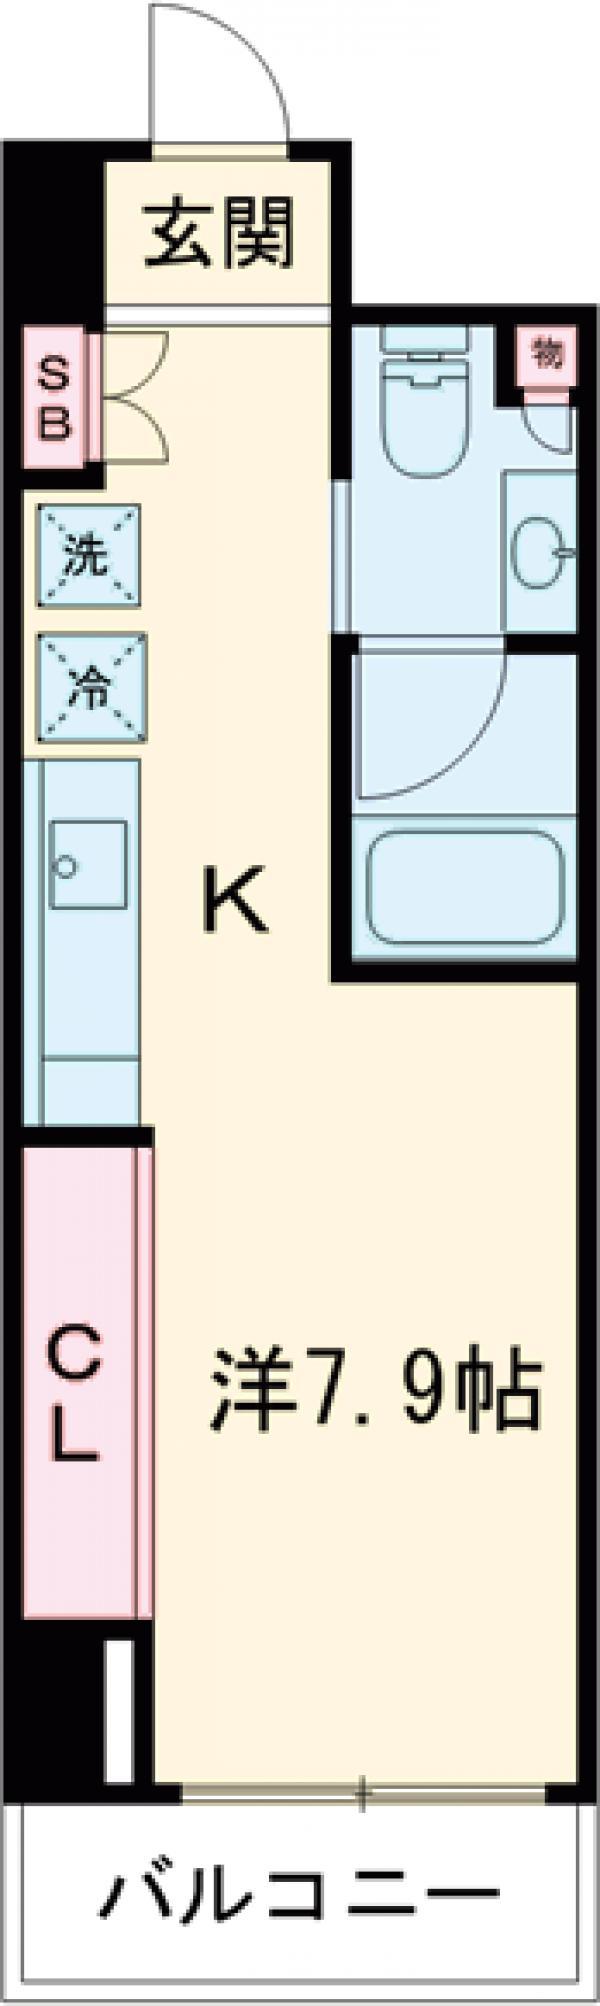 レジデンス雪谷大塚・503号室の間取り